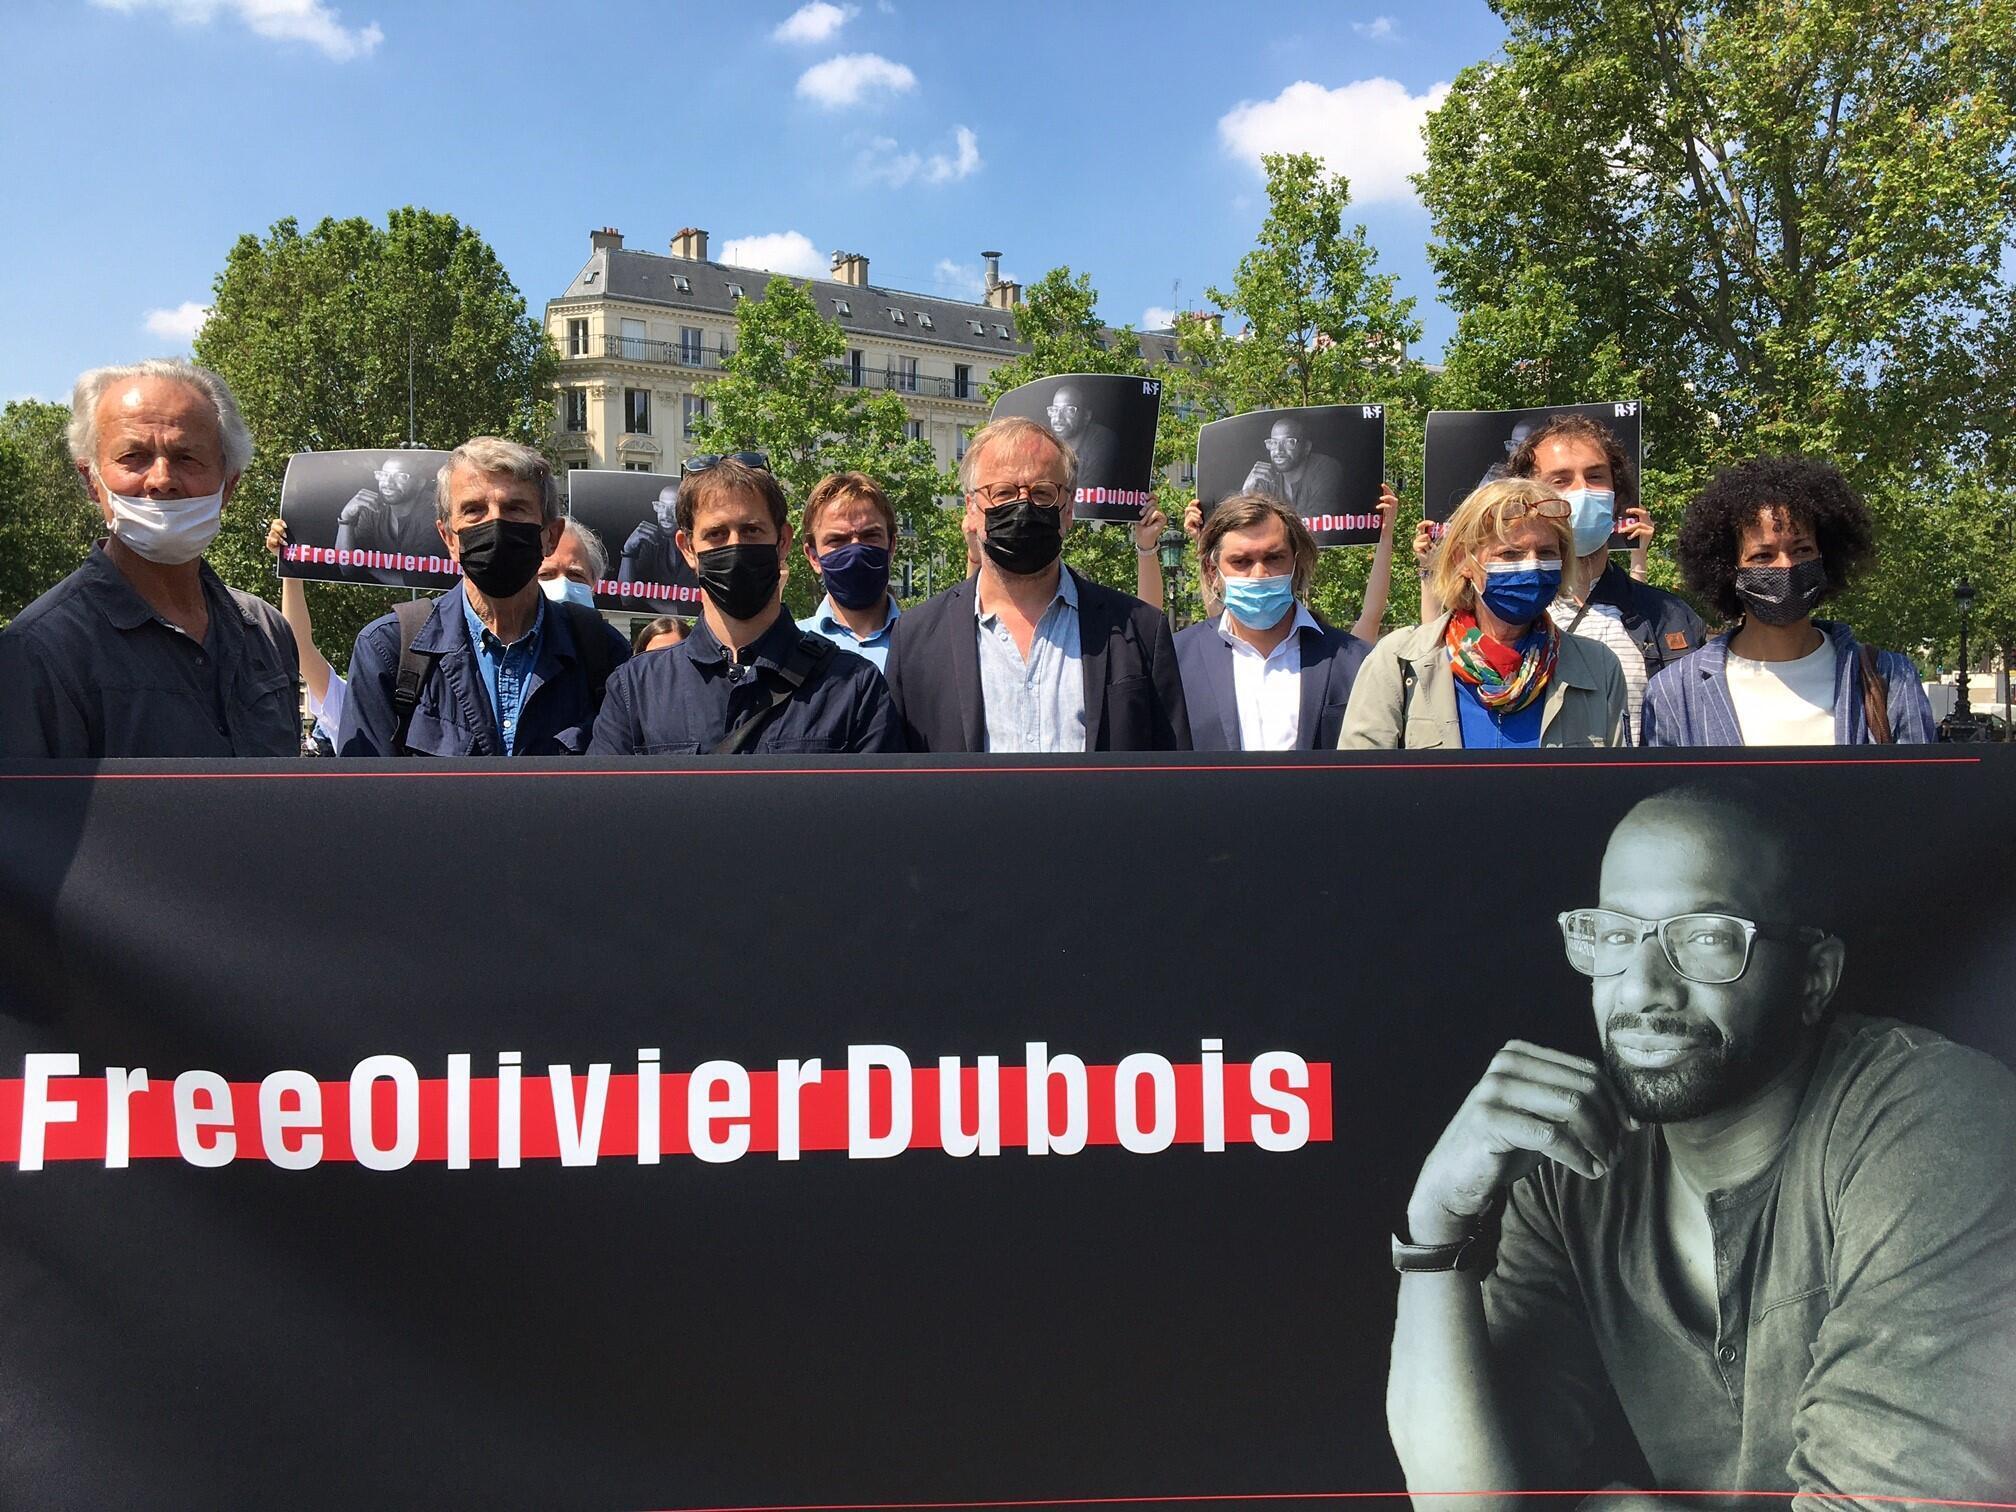 Dubois 3